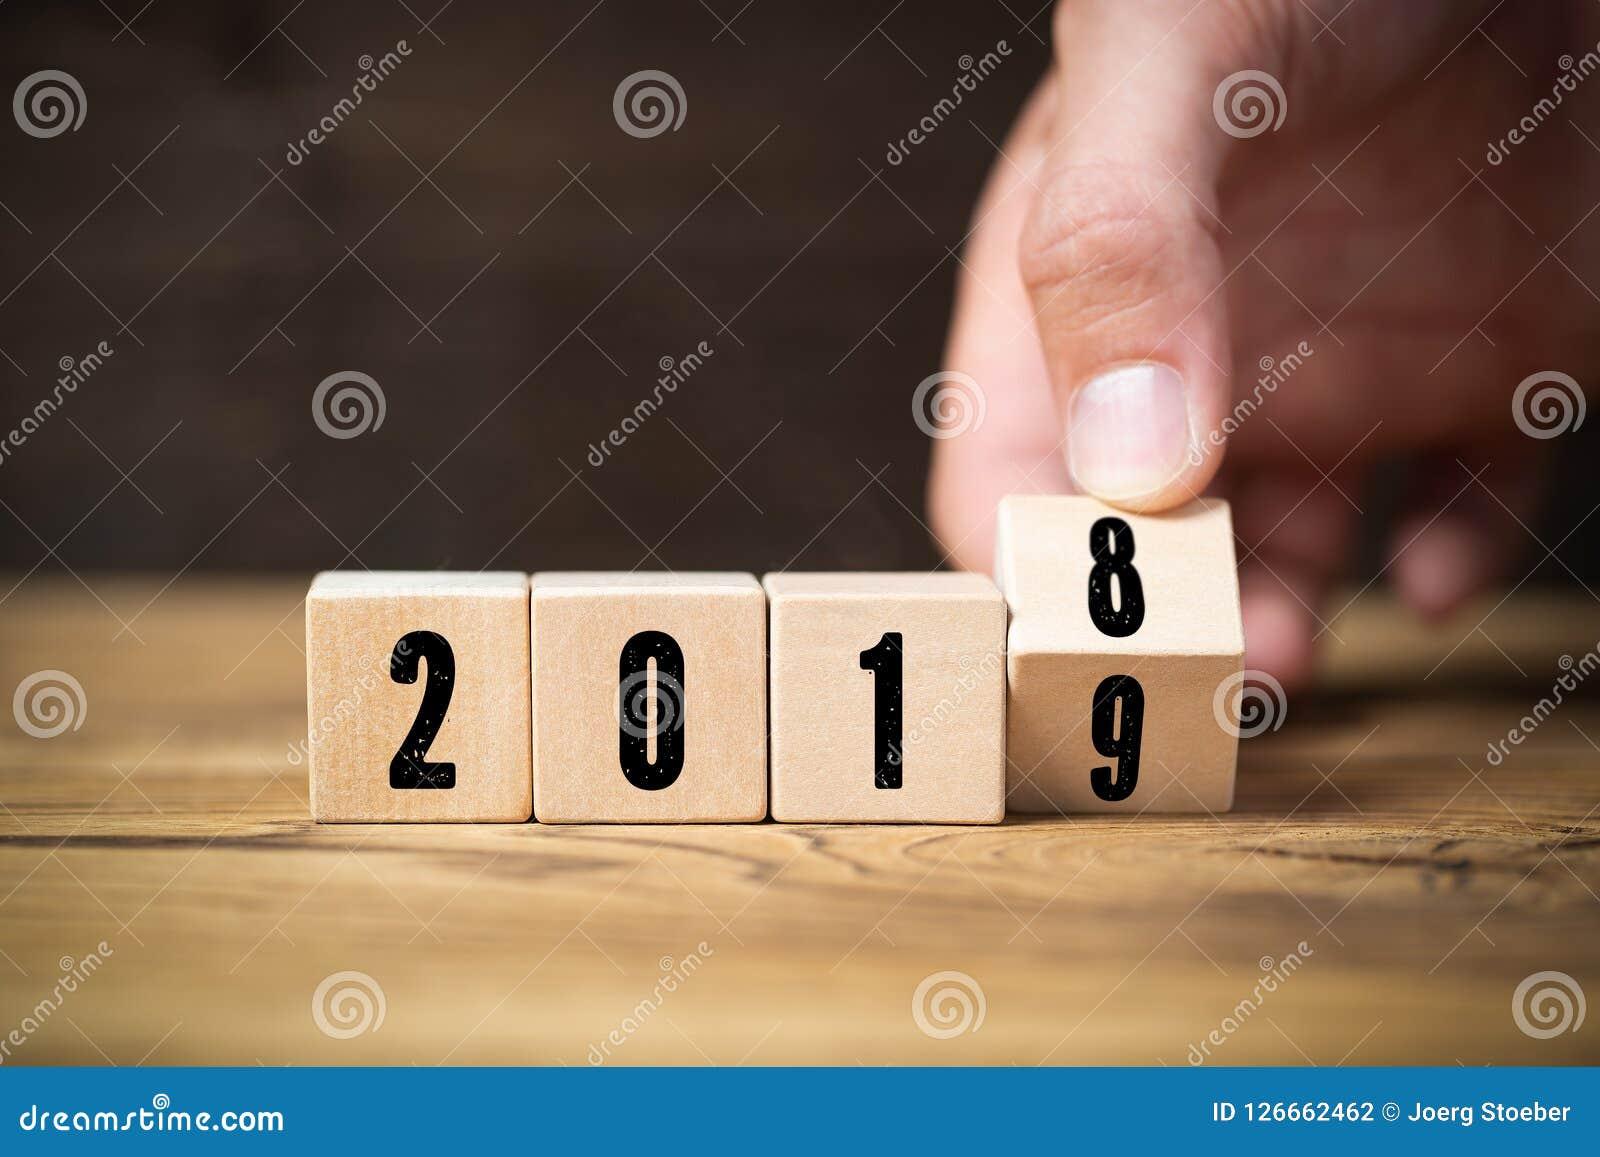 Hand die een kubus wegknippen, symbolizng de verandering vanaf 2018 tot 2019